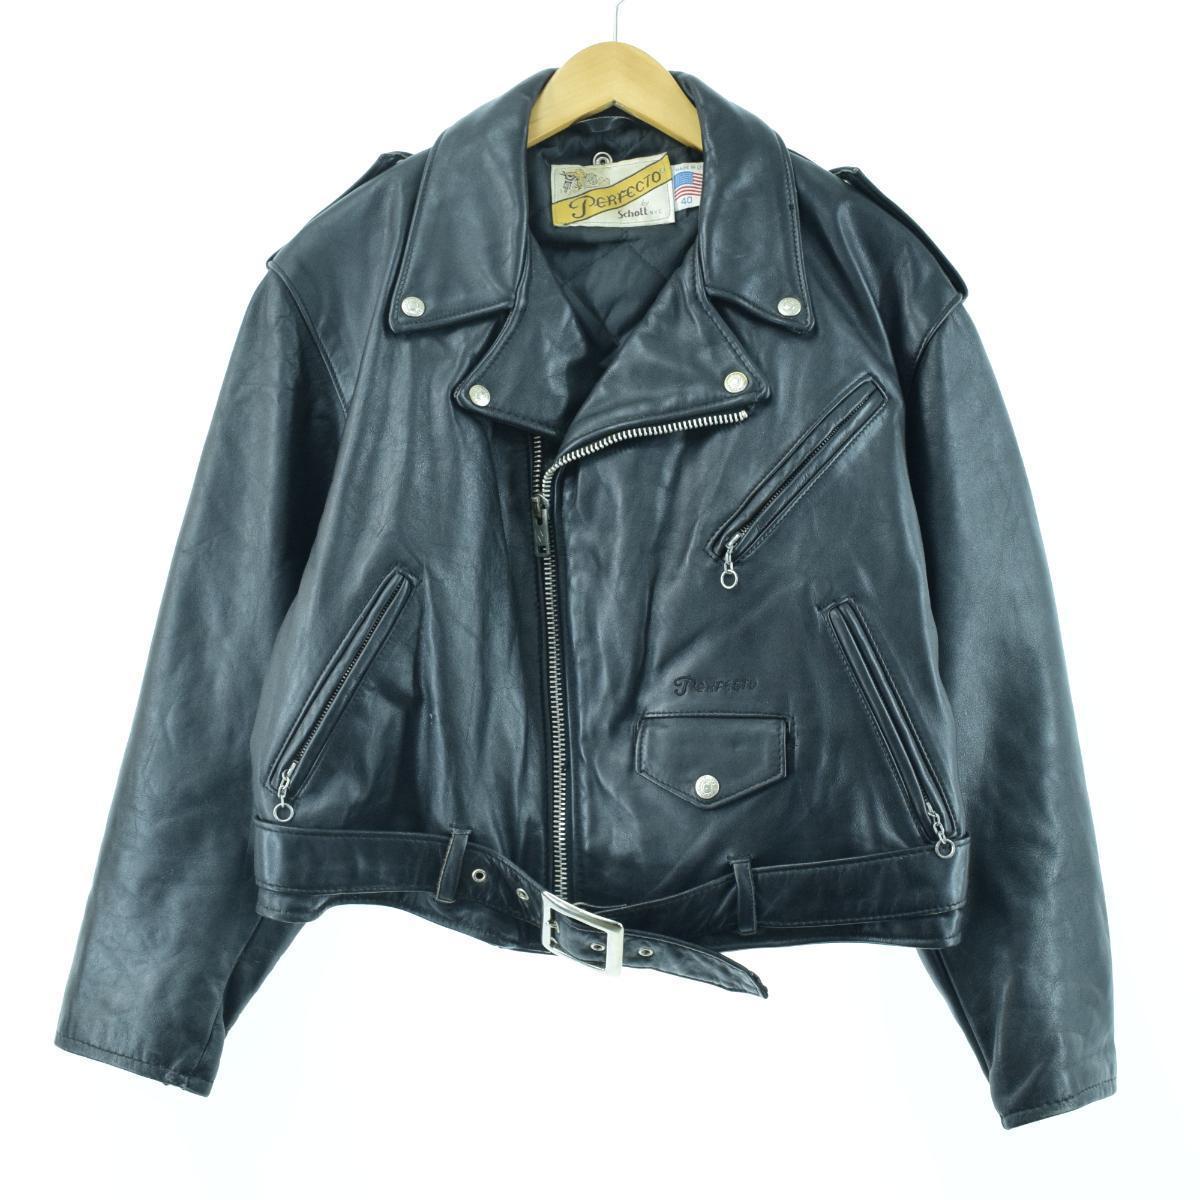 古着屋JAMのショットライダースジャケット